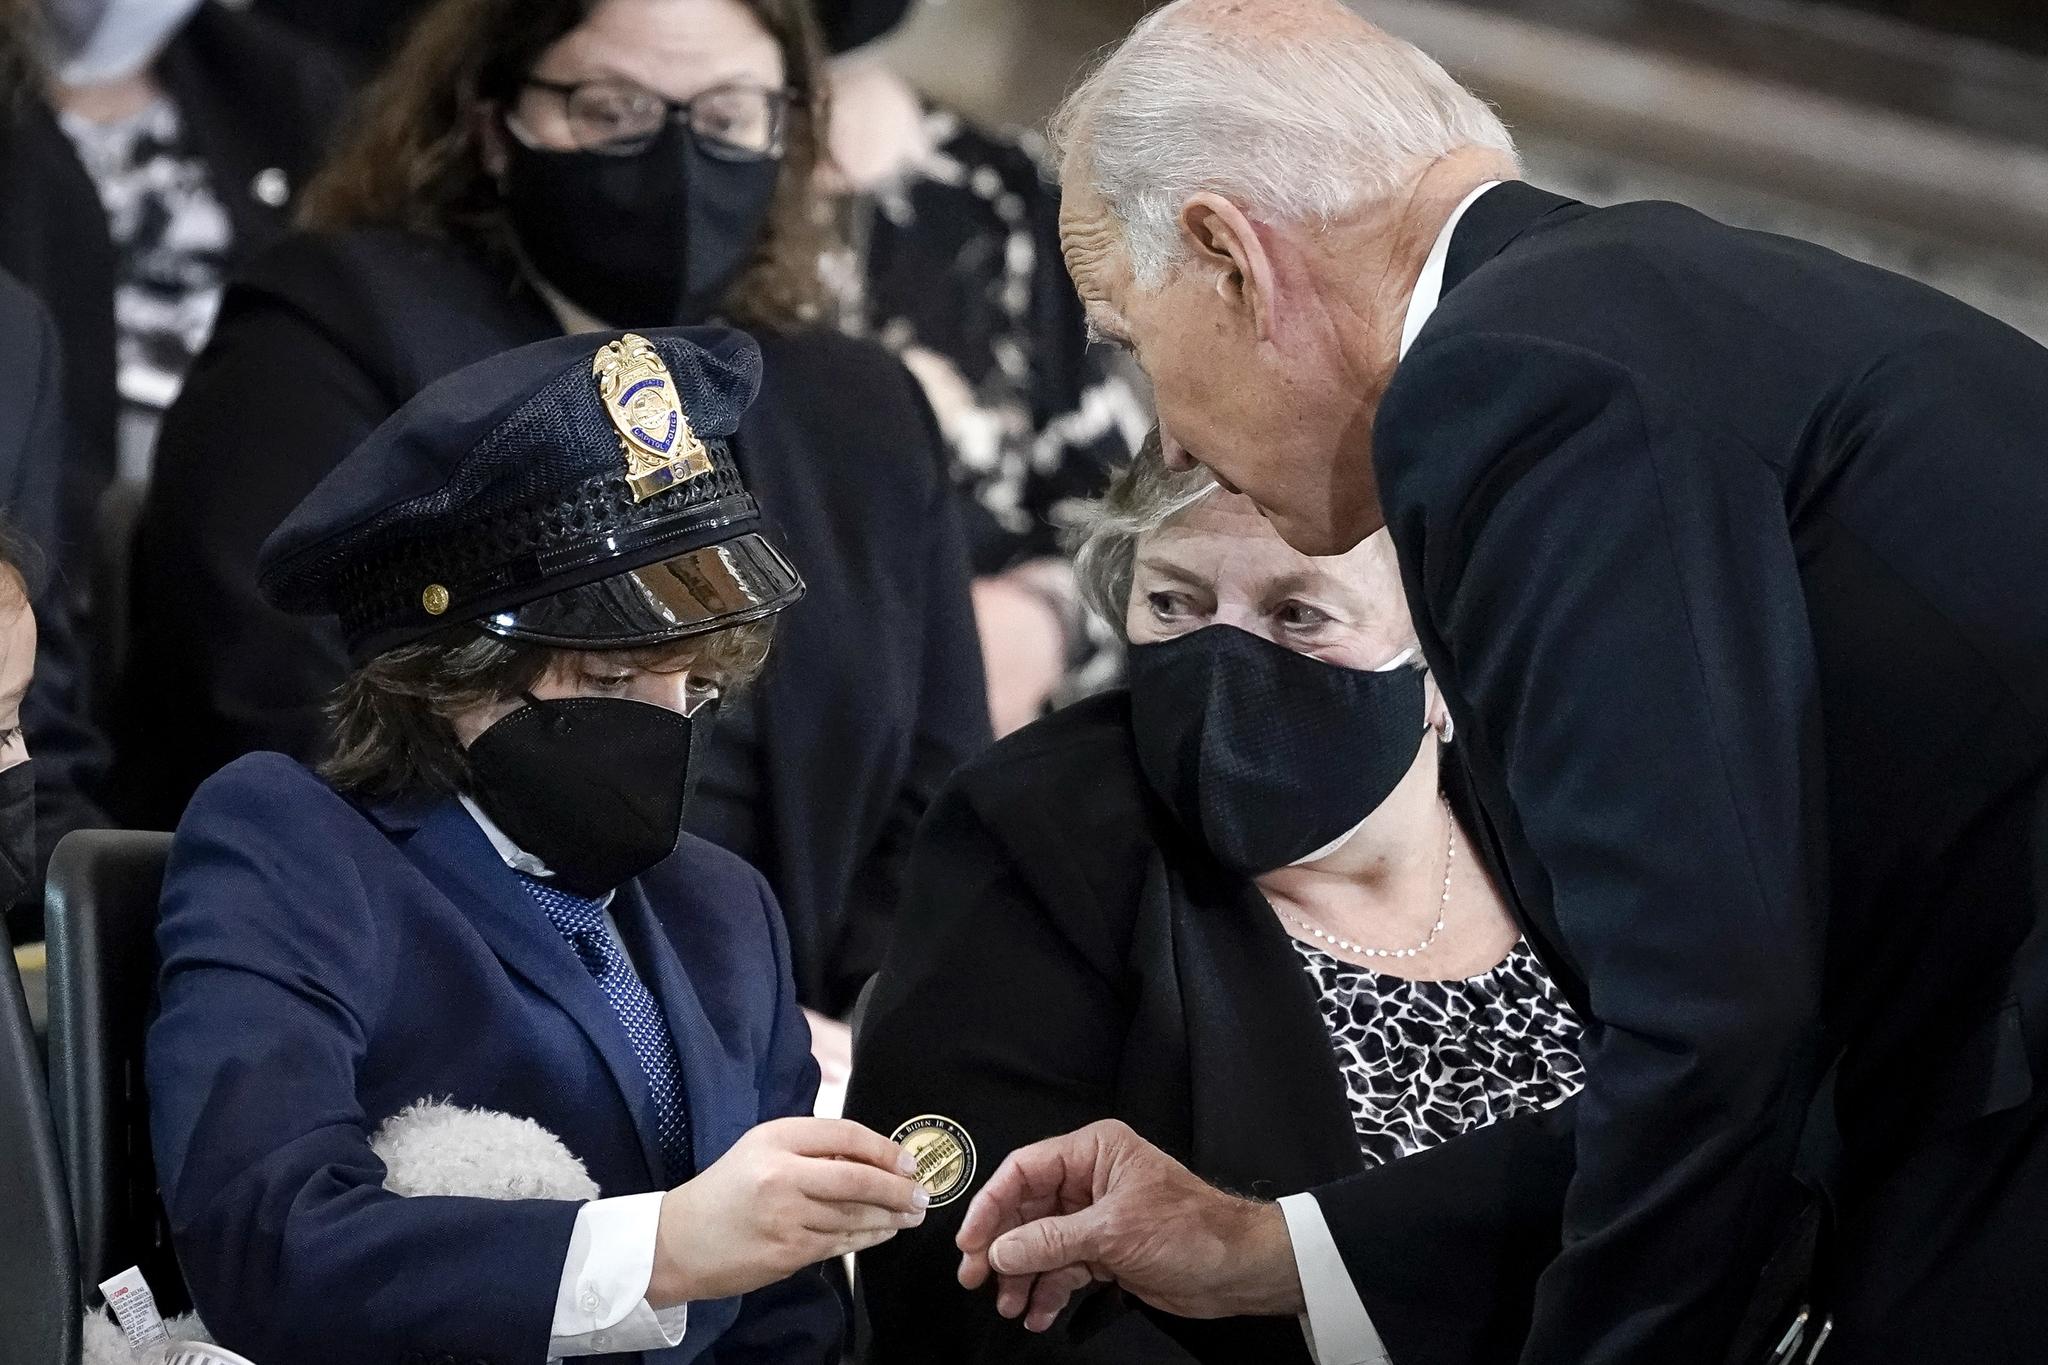 조 바이든 미국 대통령이 13일(현지시각) 연방의사당 로툰다홀에서 열린 윌리엄 에번스 경관 추모식에 참석해 아들 로간에게 백악관 동전을 선물하고 있다. 아들이 쓴 모자는 아버지의 것이다. AP=연합뉴스